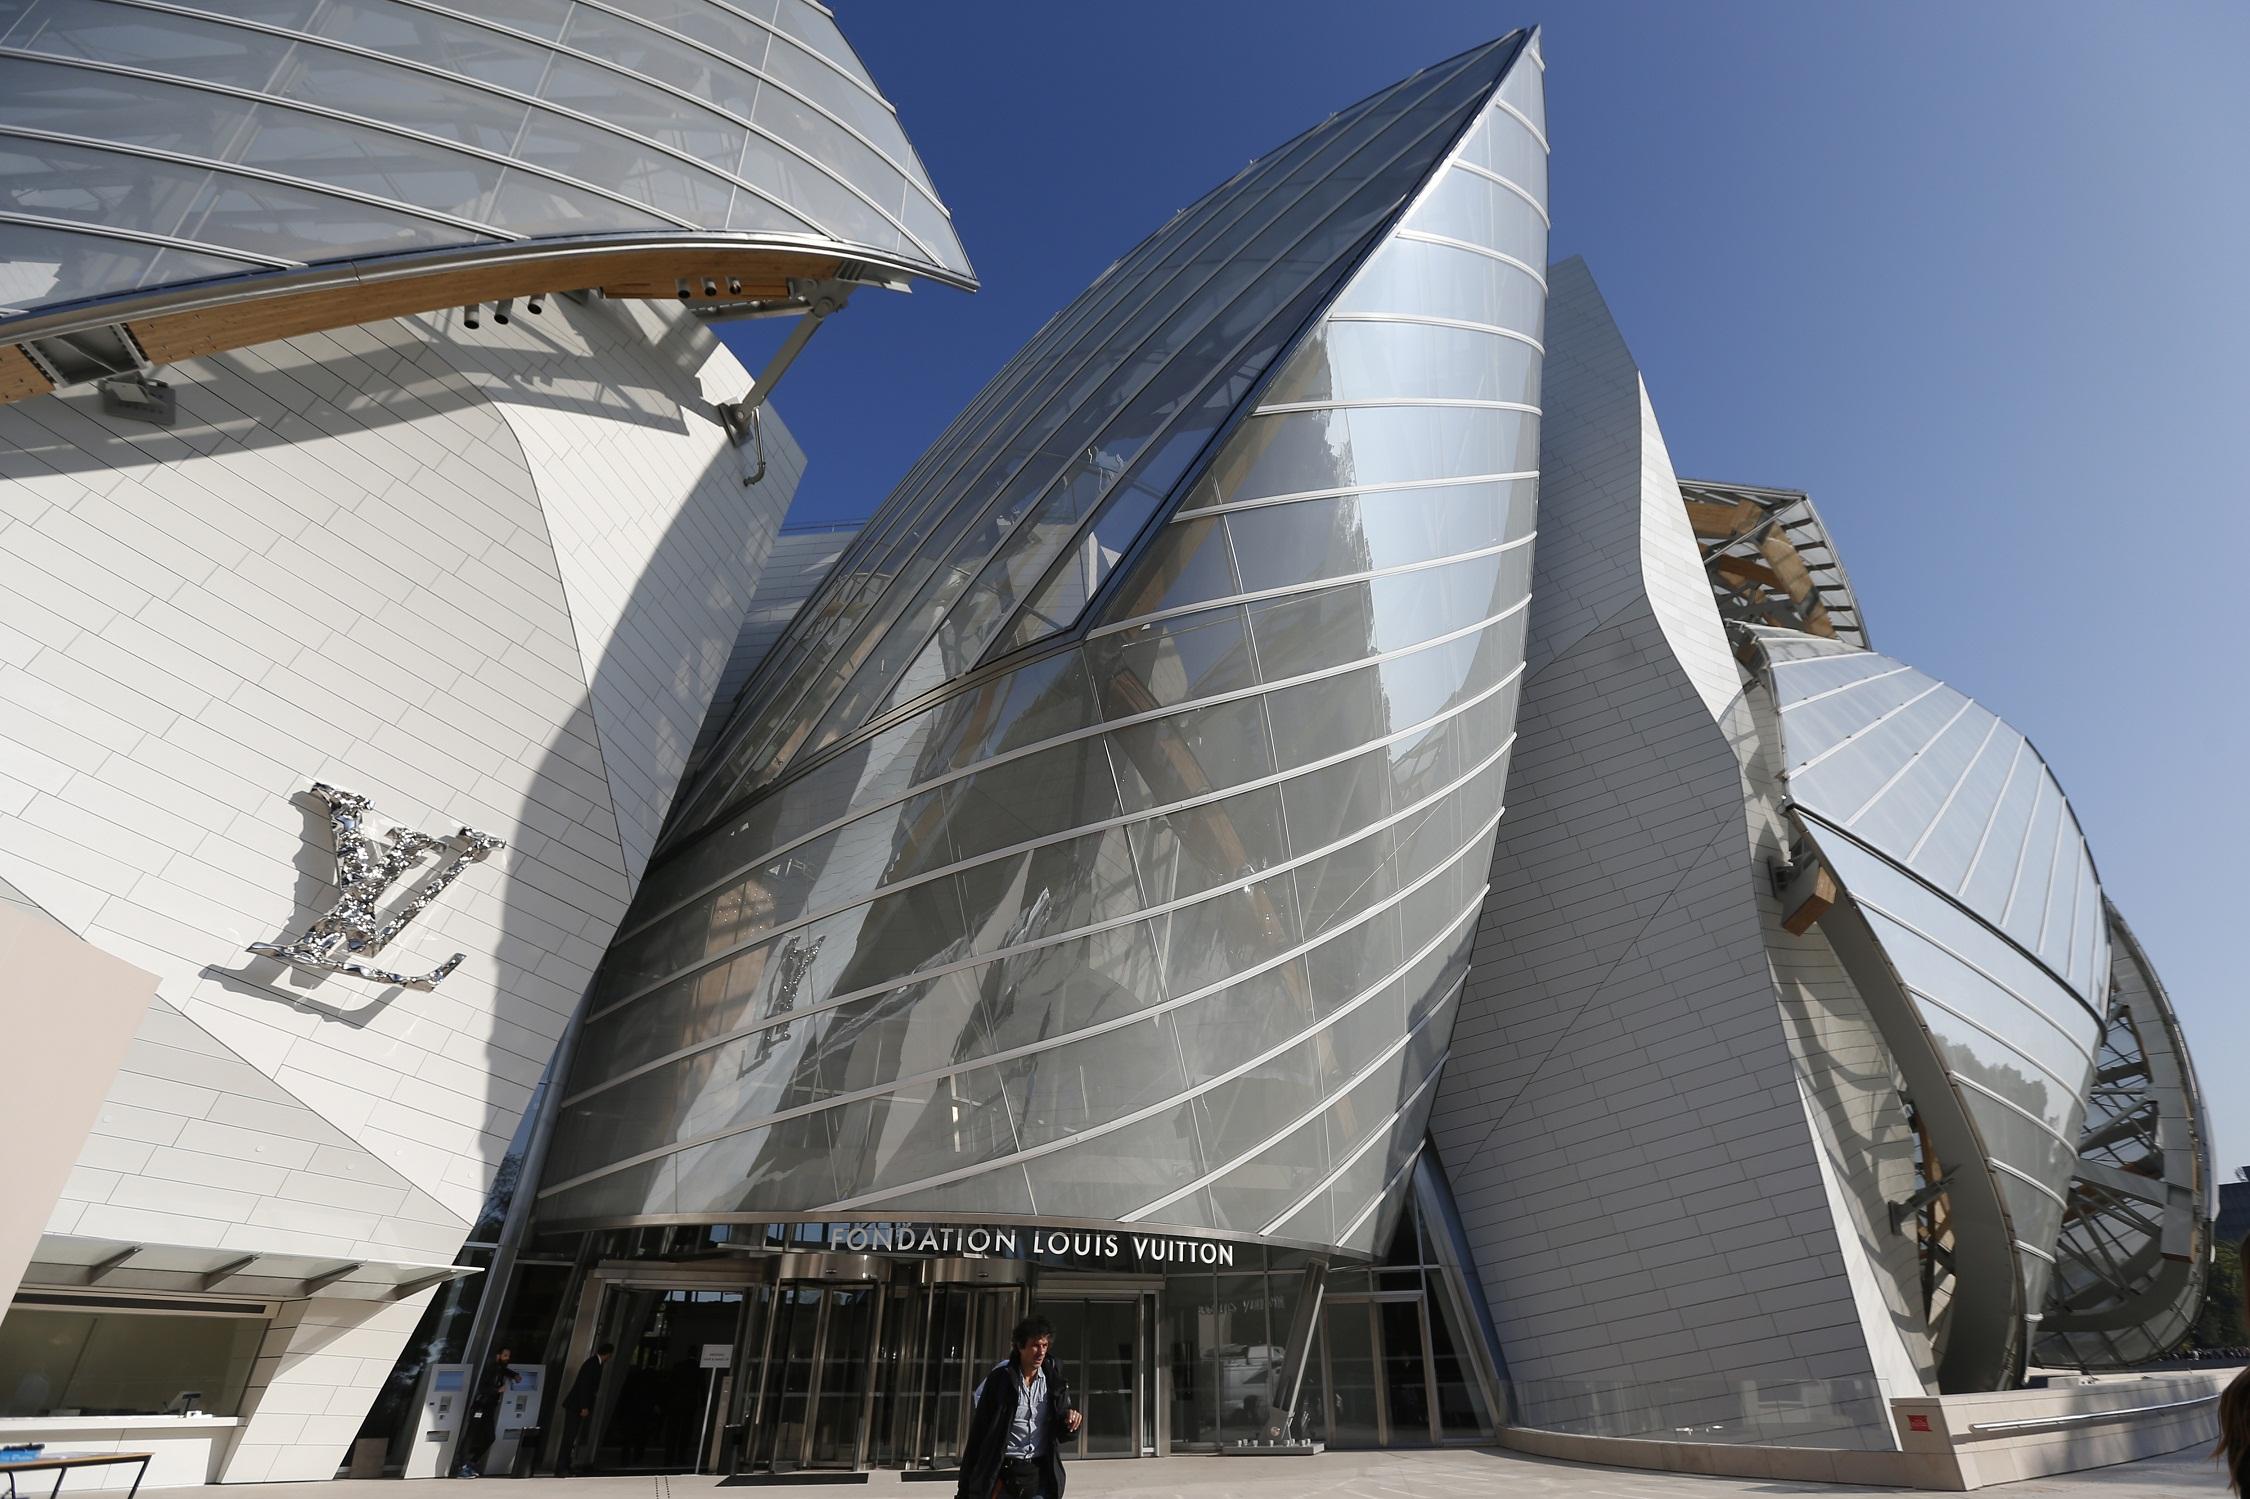 Paris - Foundation Louis Vuitton.jpg